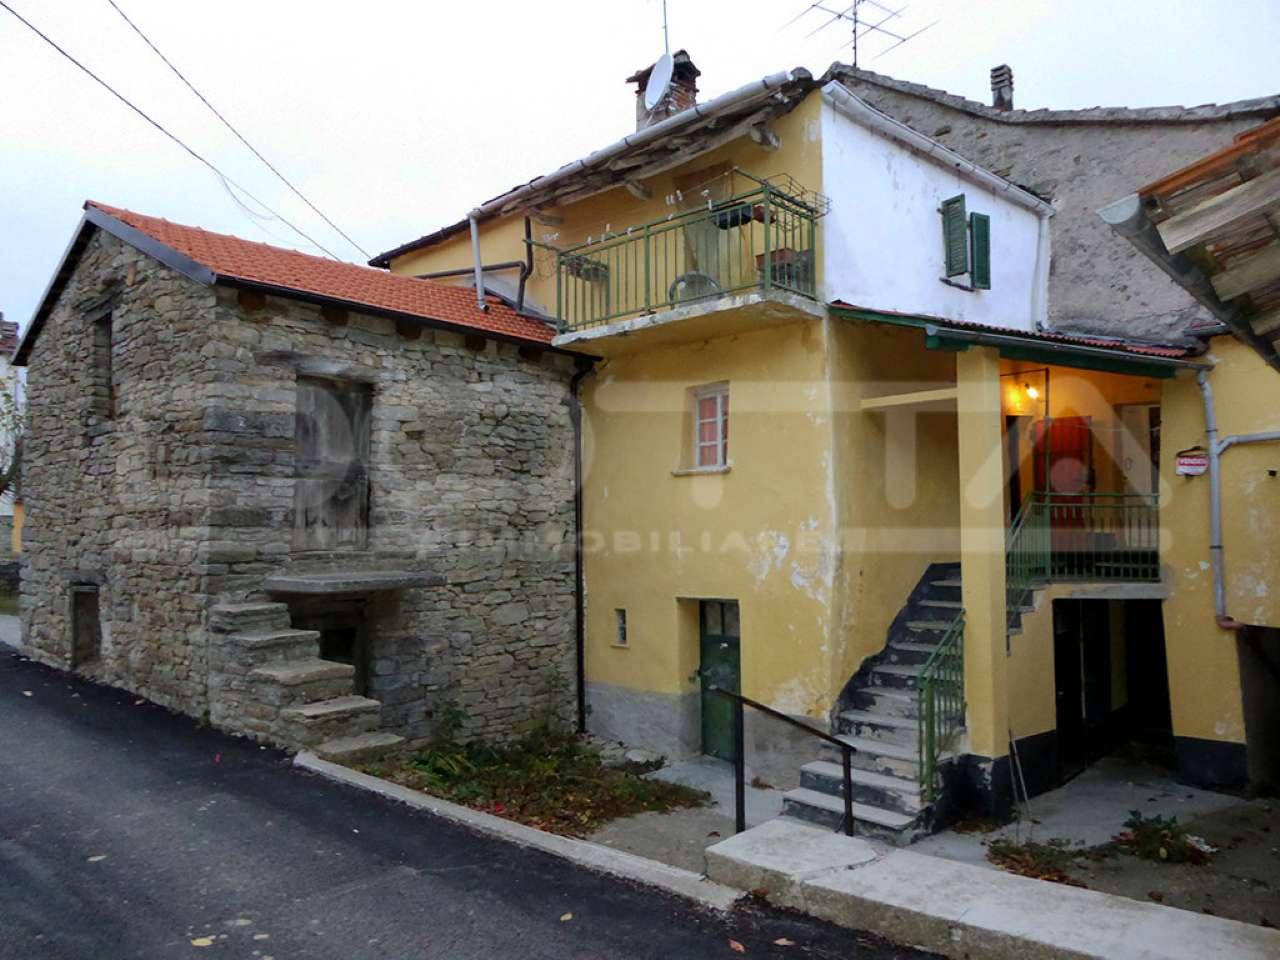 Soluzione Semindipendente in vendita a Mombarcaro, 3 locali, prezzo € 28.000 | CambioCasa.it